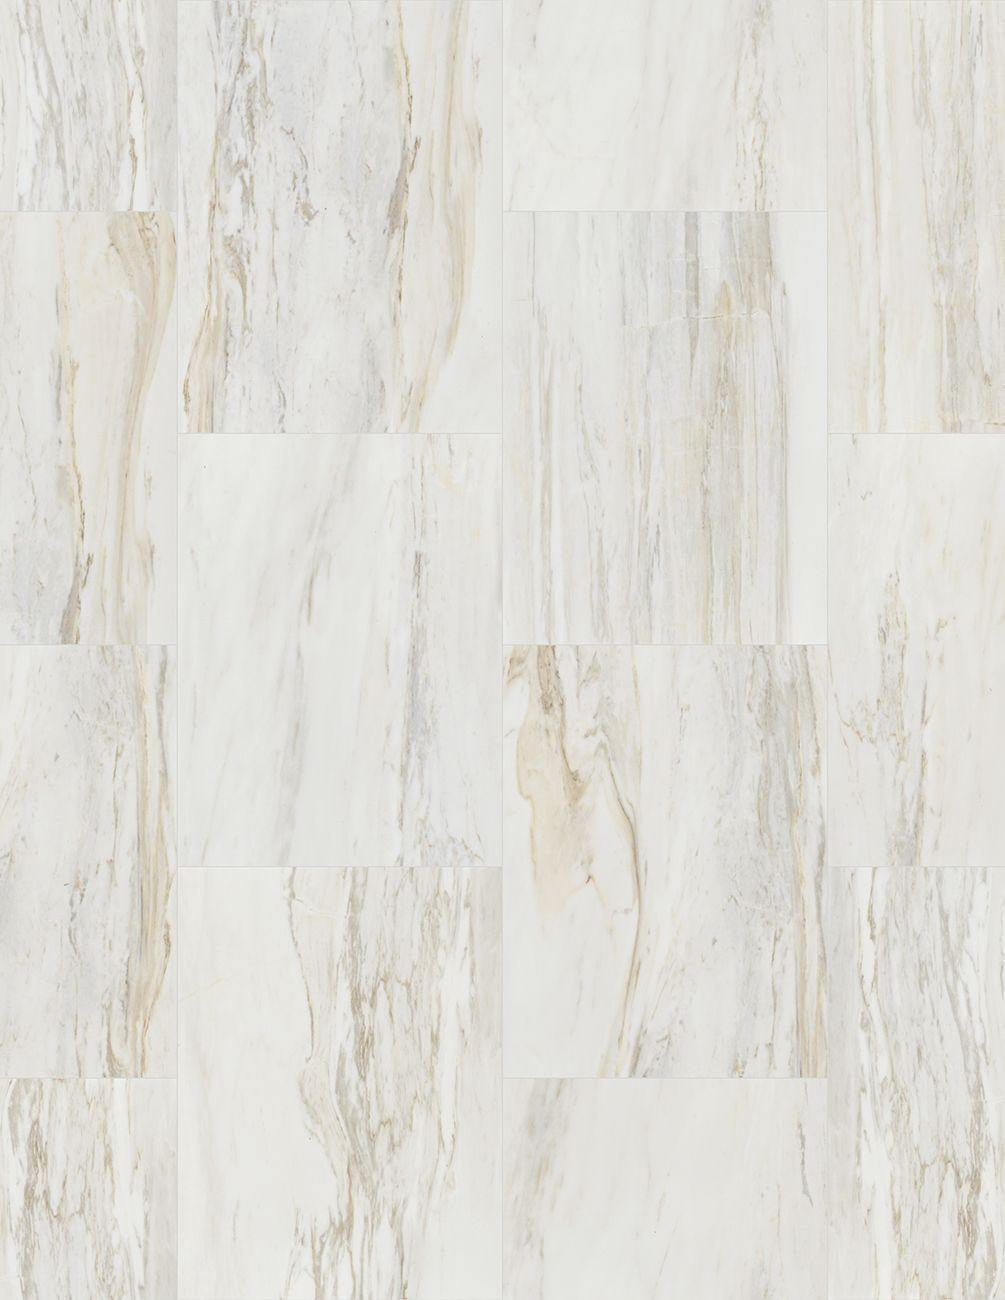 US Floors Coretec Stone 18X24 Polished VV57818221 Sonia